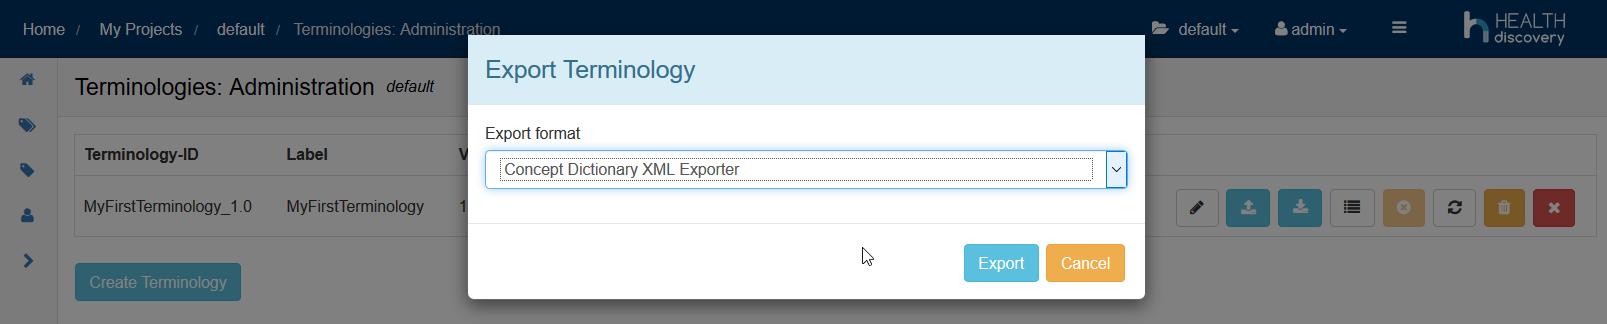 export terminology